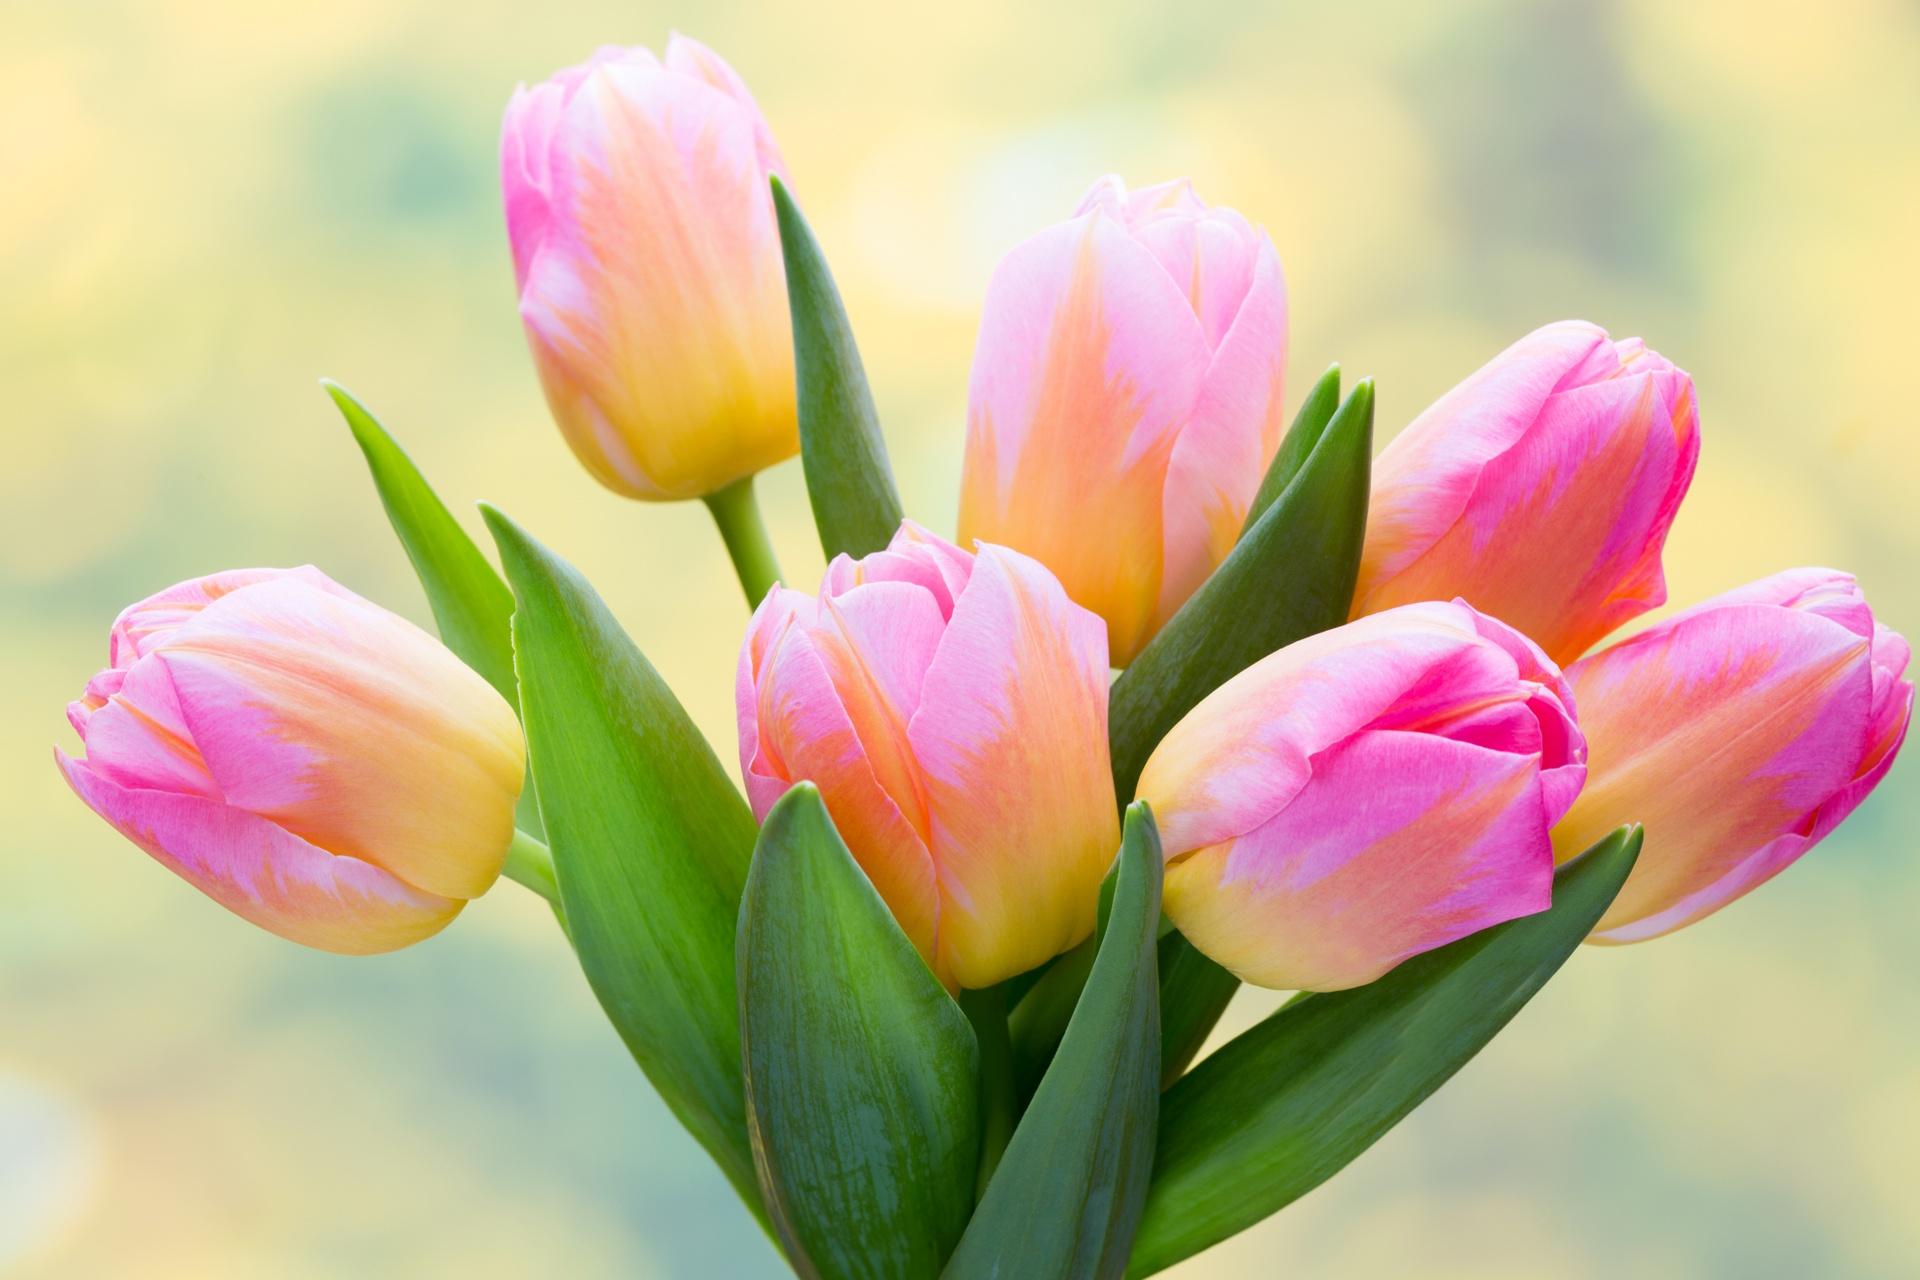 Hình ảnh hoa Tulip rực rỡ tuyệt đẹp